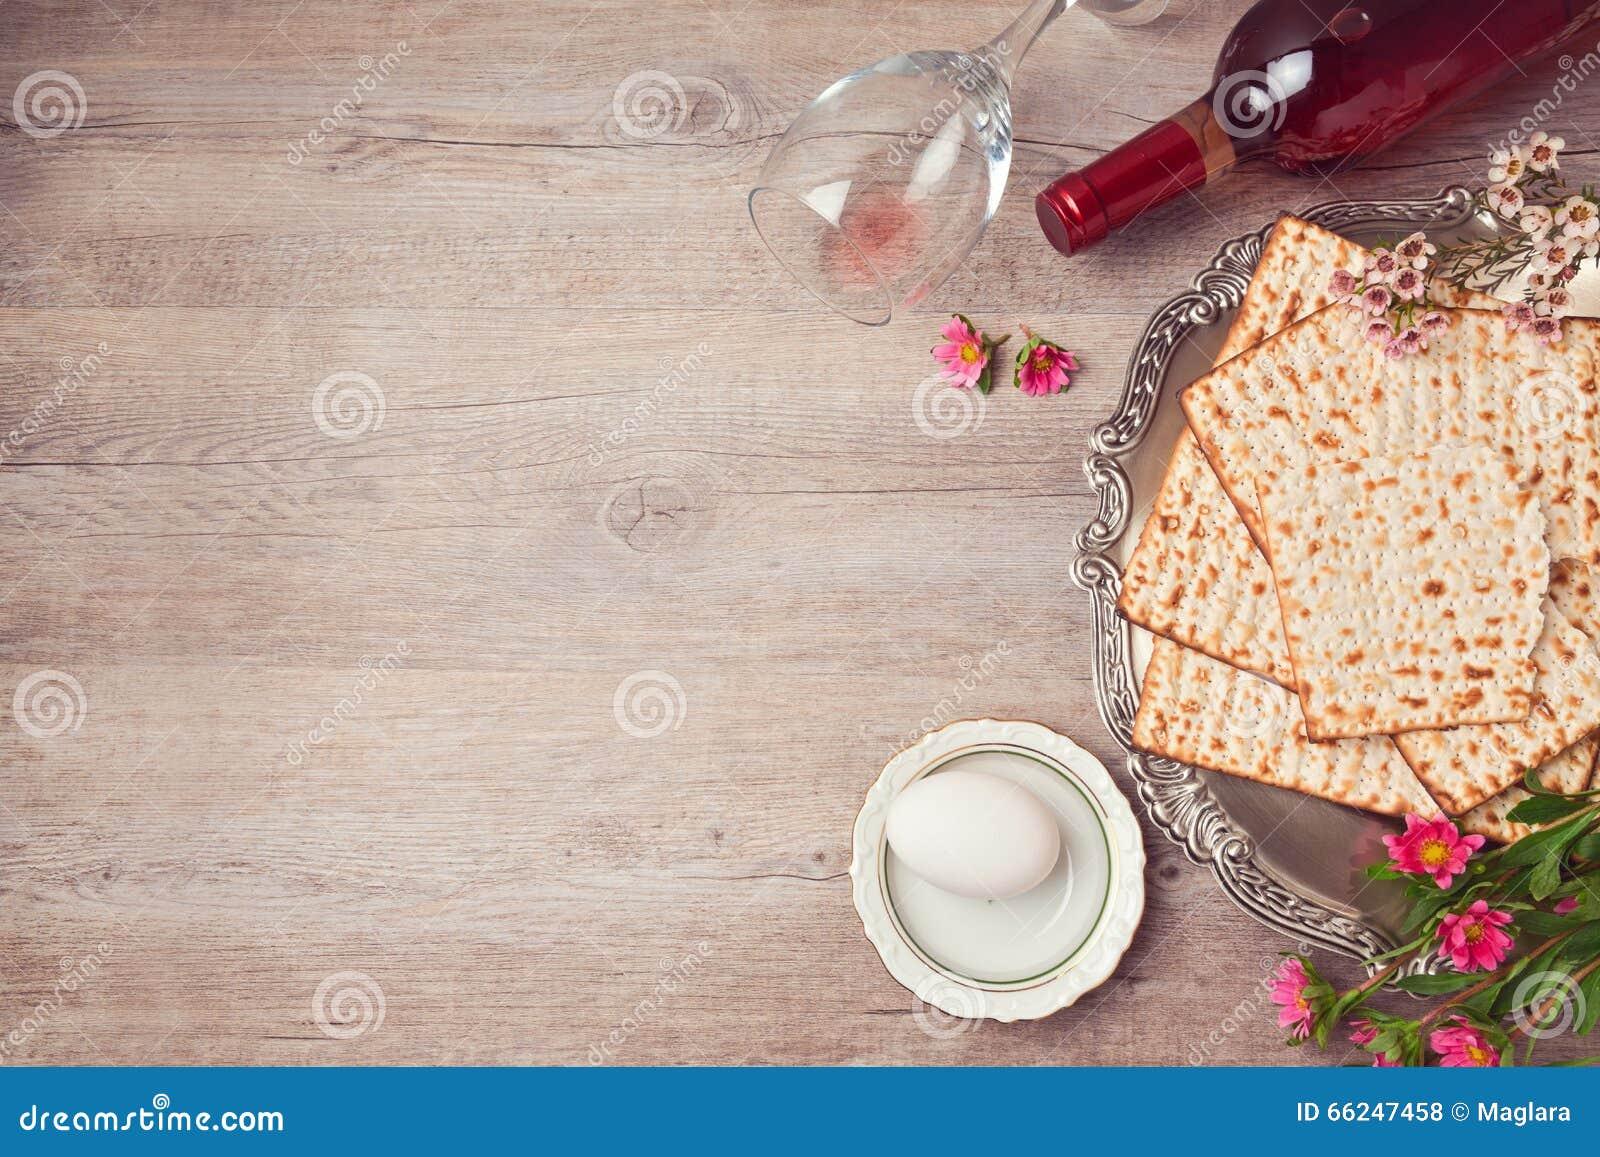 Fondo de la pascua judía con el matzah, la placa del seder y el vino Visión desde arriba